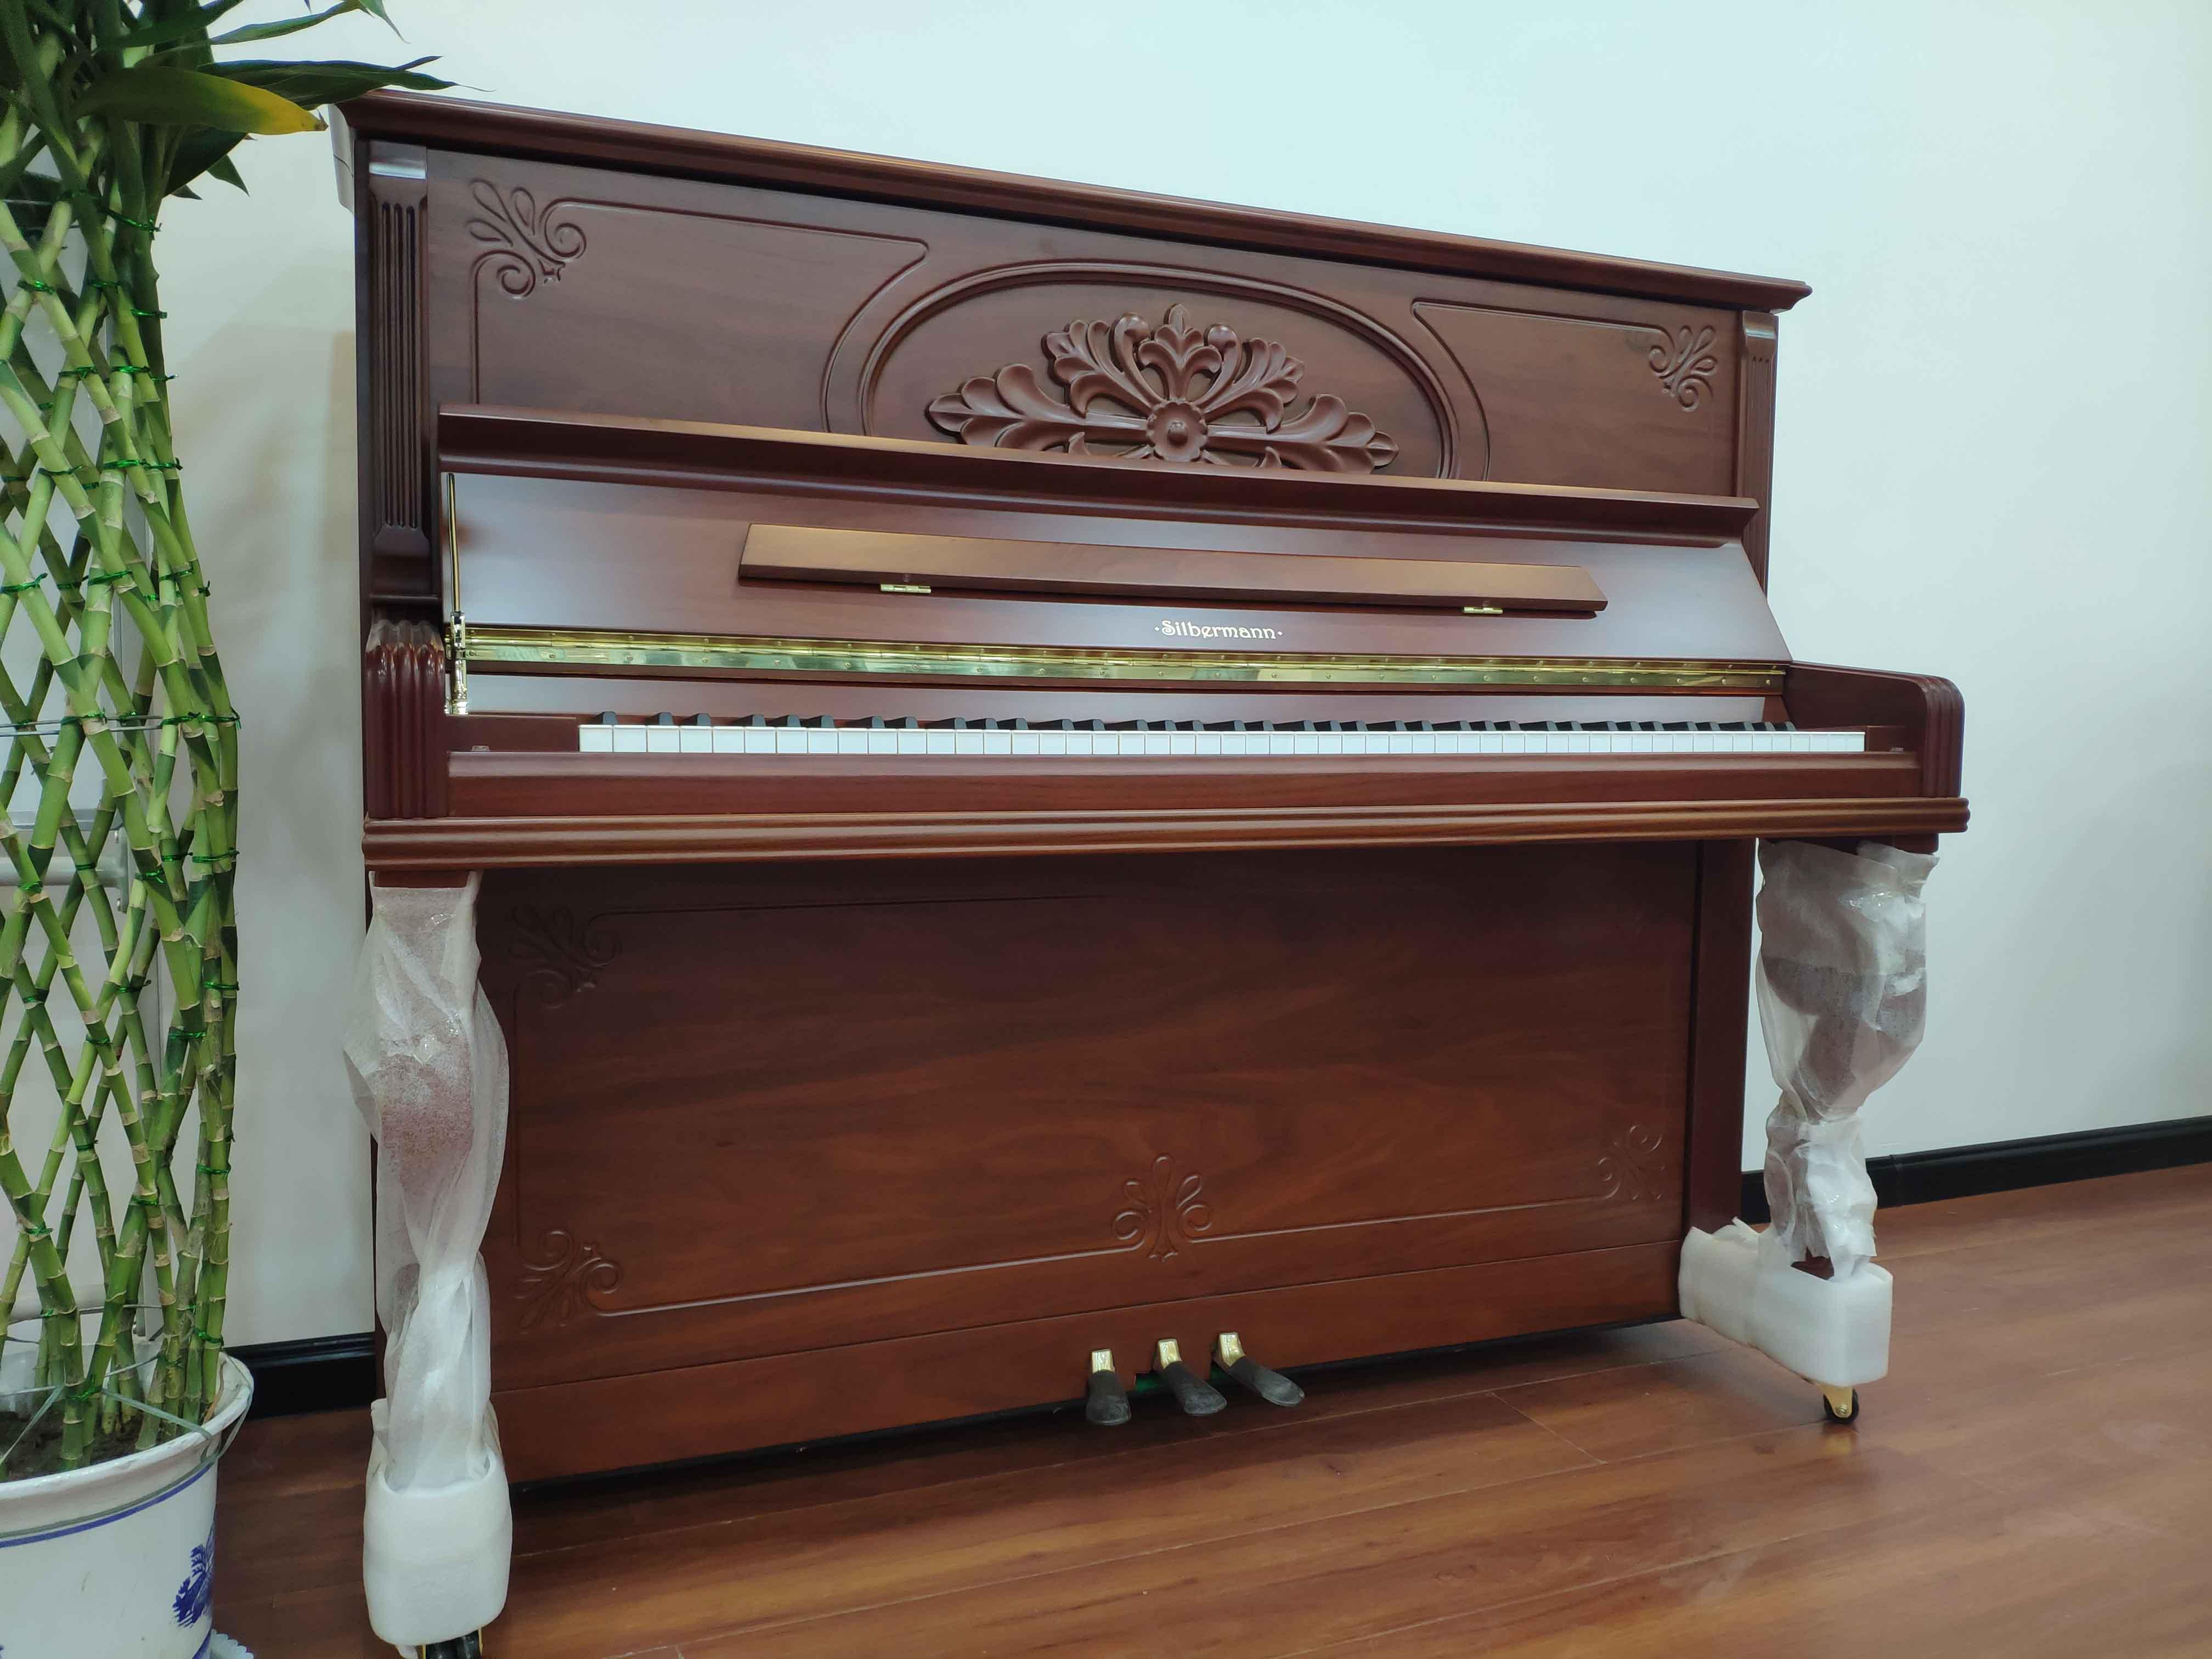 挑钢琴必须知道:首先考虑钢琴的质量